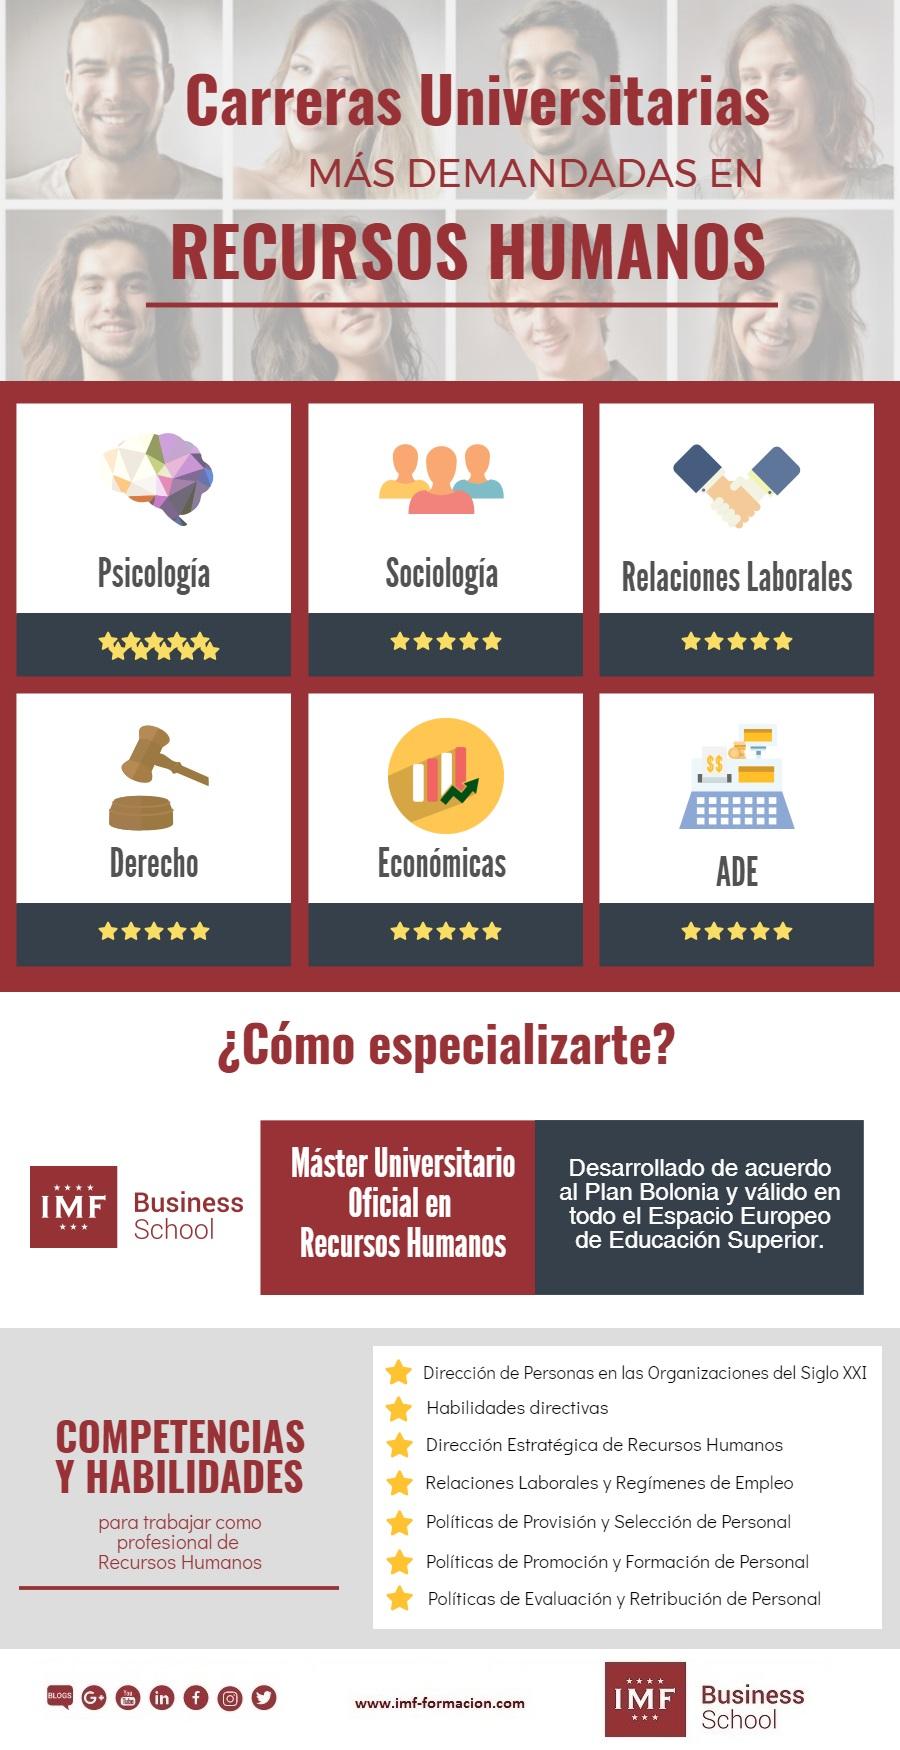 carreras-universitarias-recursos-humanos ¿Qué carreras universitarias son las más demandadas en el área de Recursos Humanos?